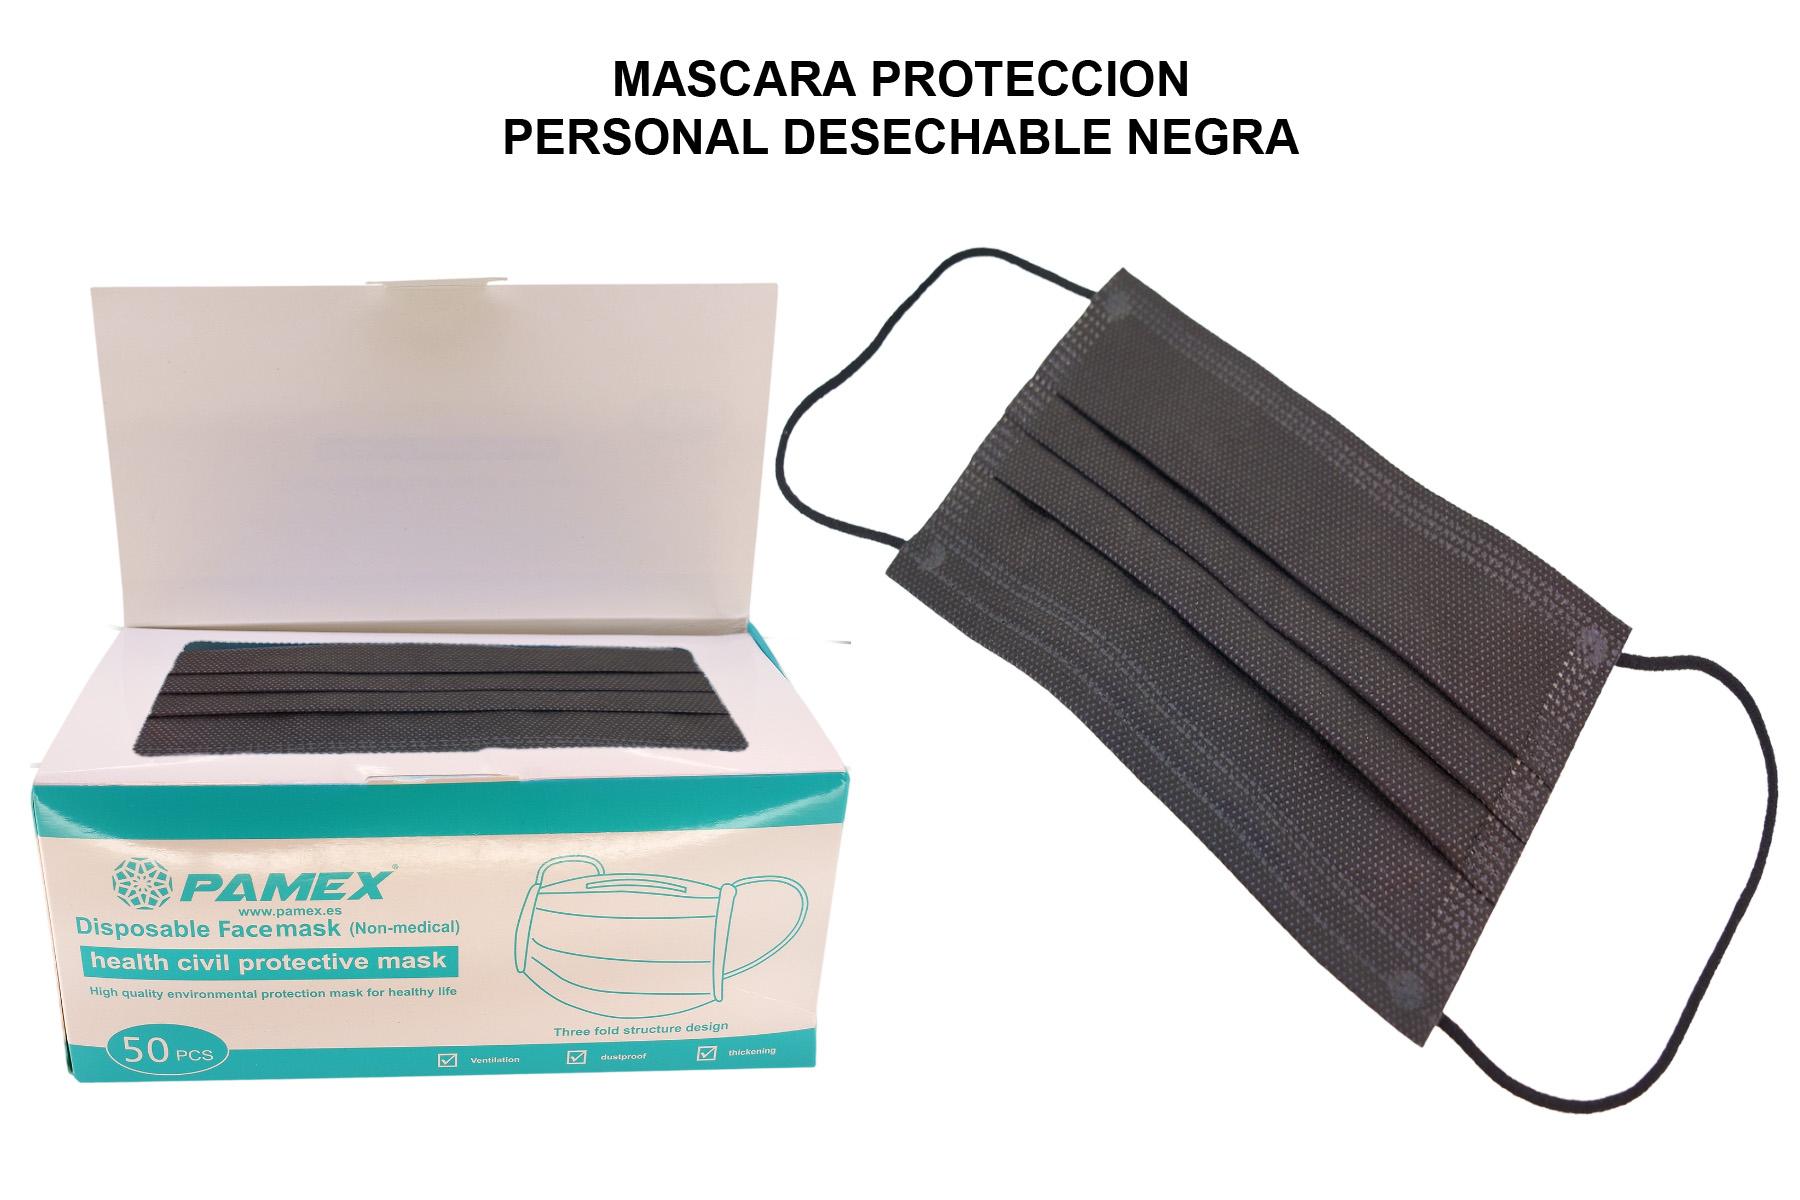 MASCARA PROTECCION PERSONAL DESECHABLE NEGRA